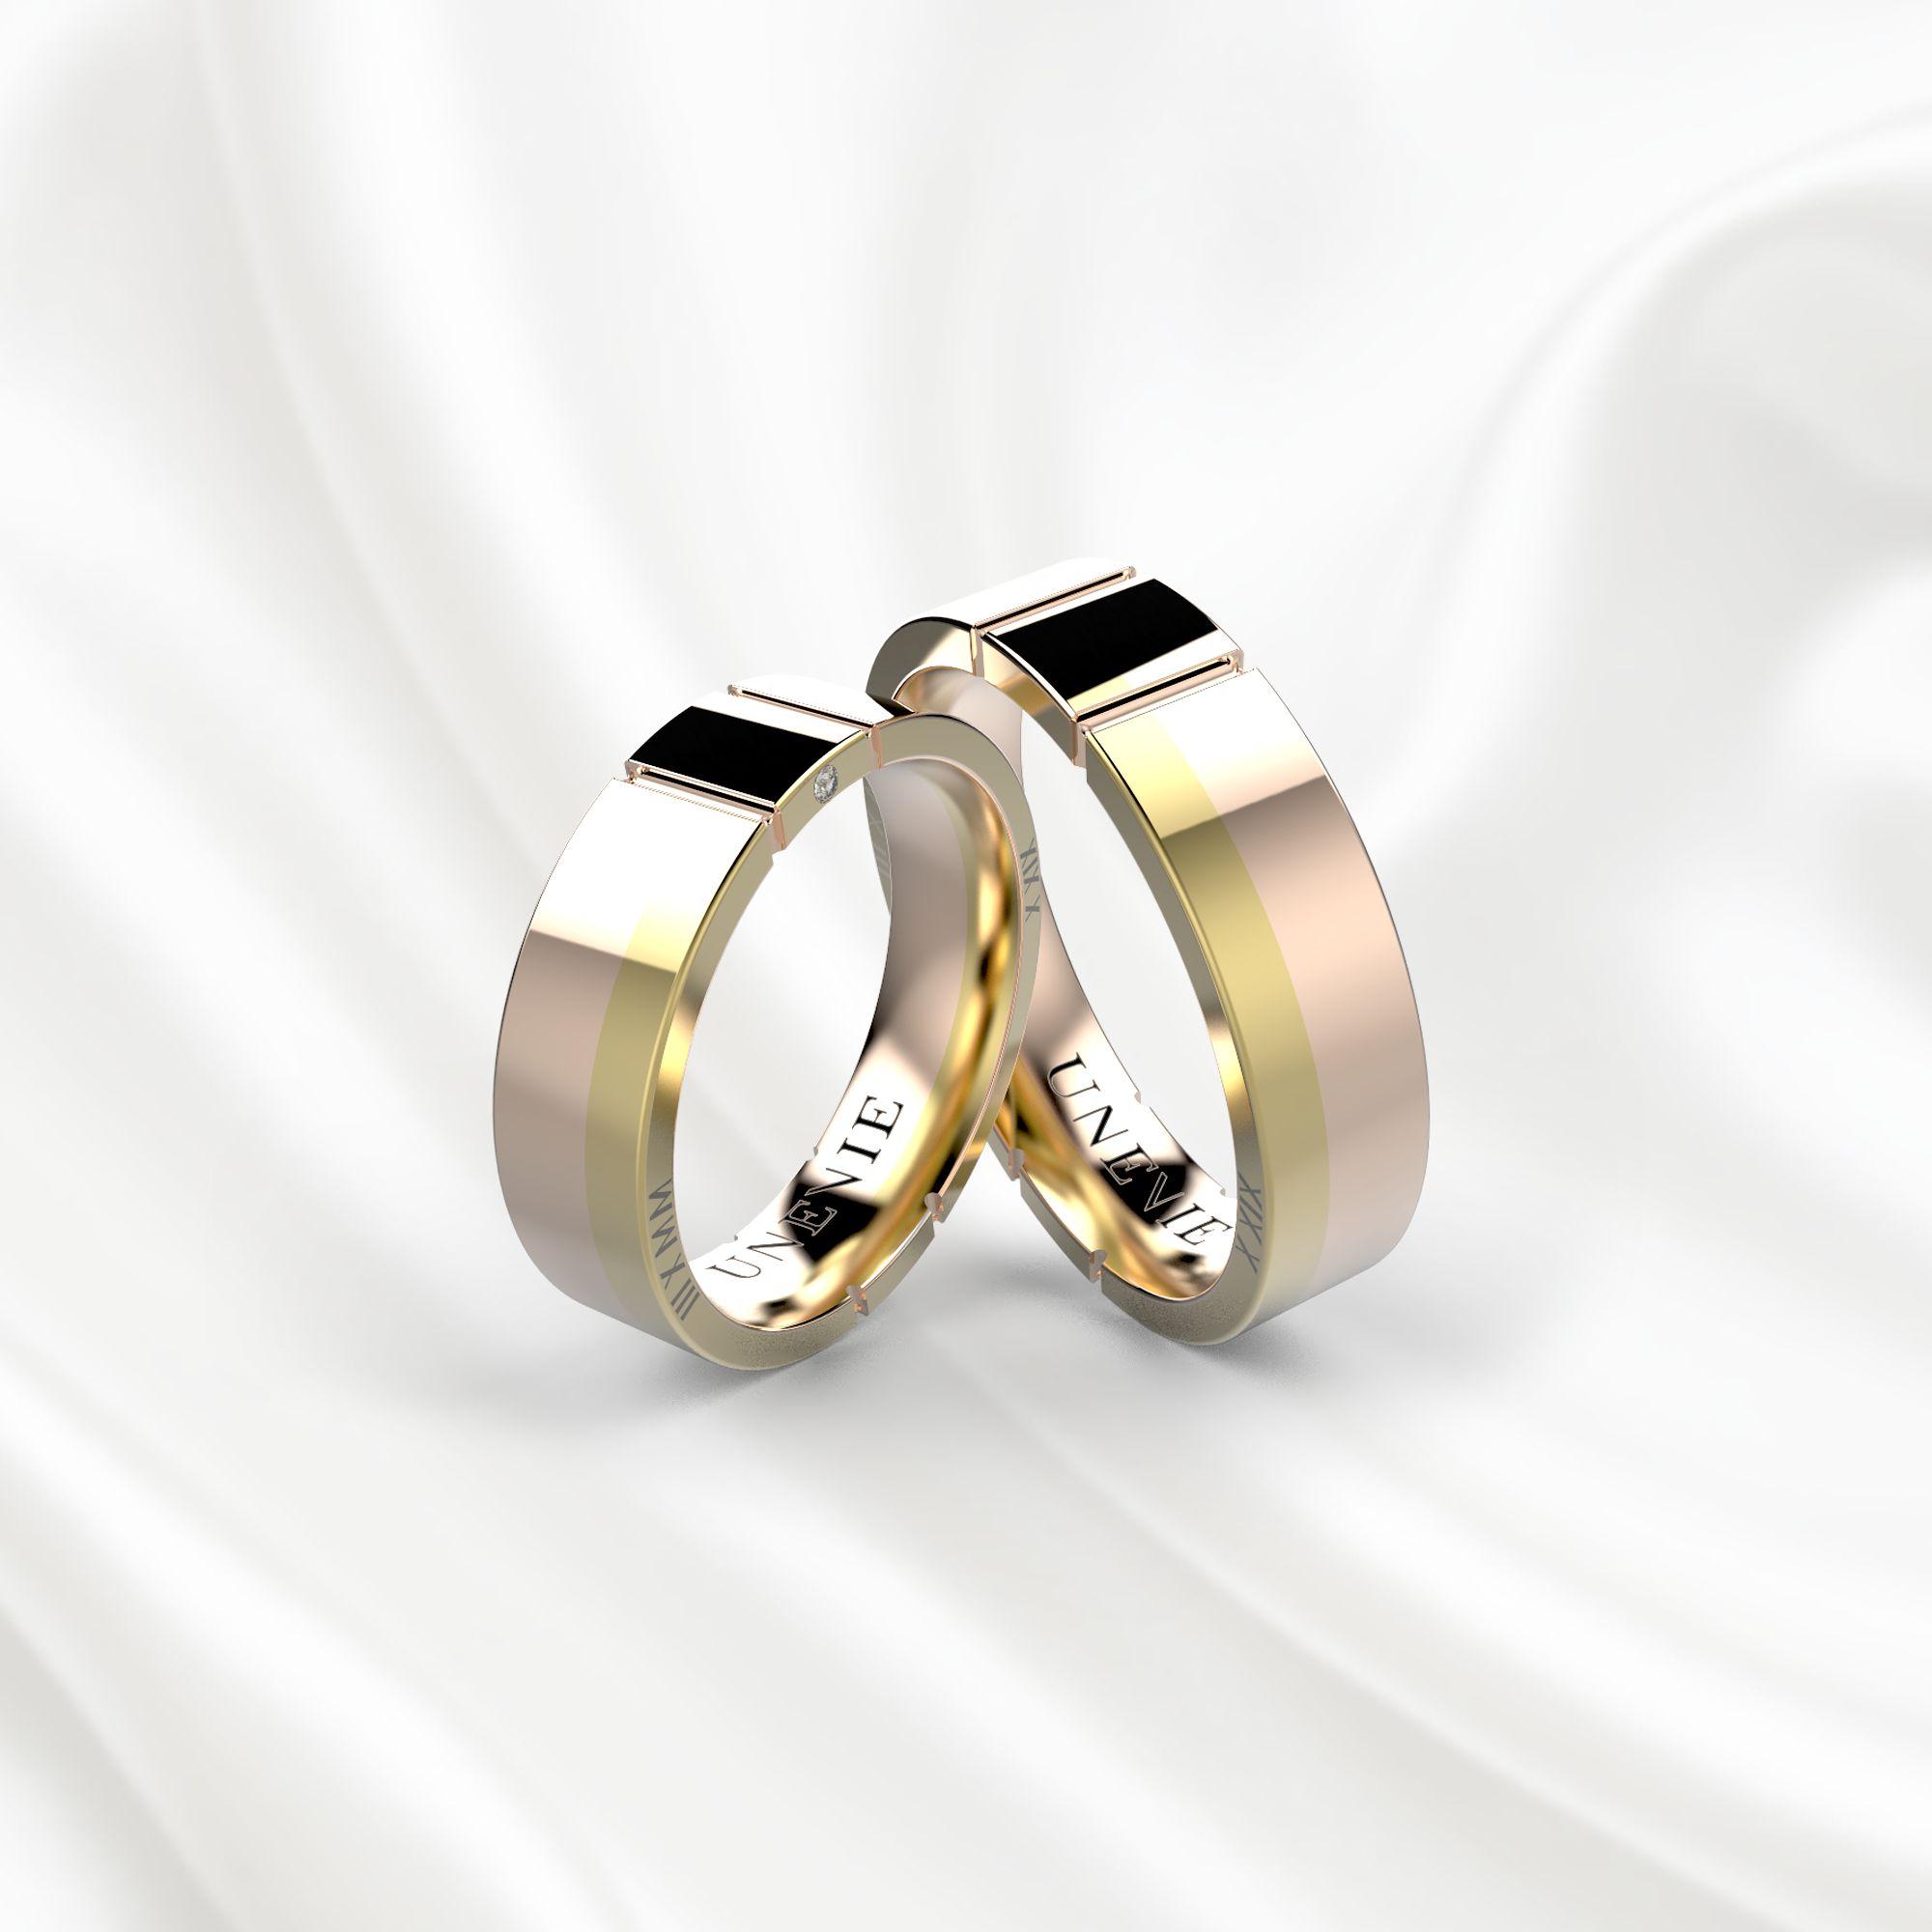 NV17 Обручальные кольца из розово-желтого золота